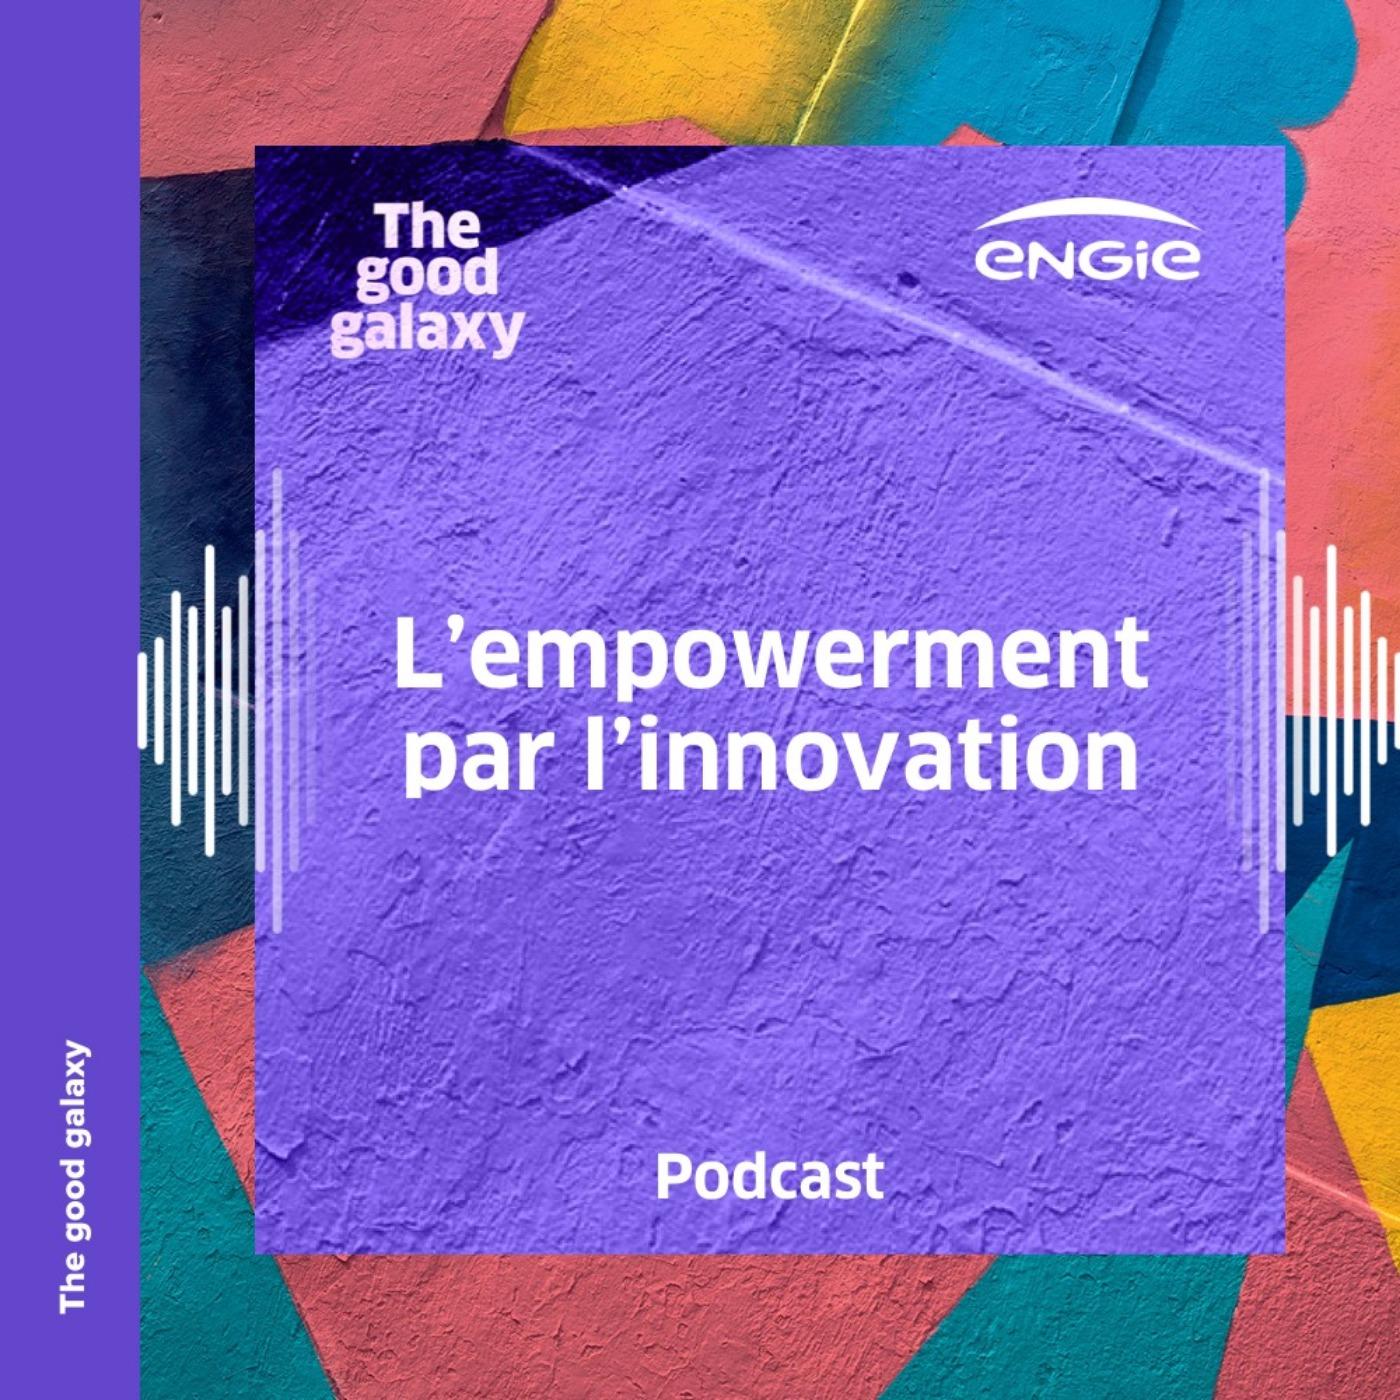 L'empowerment par l'innovation